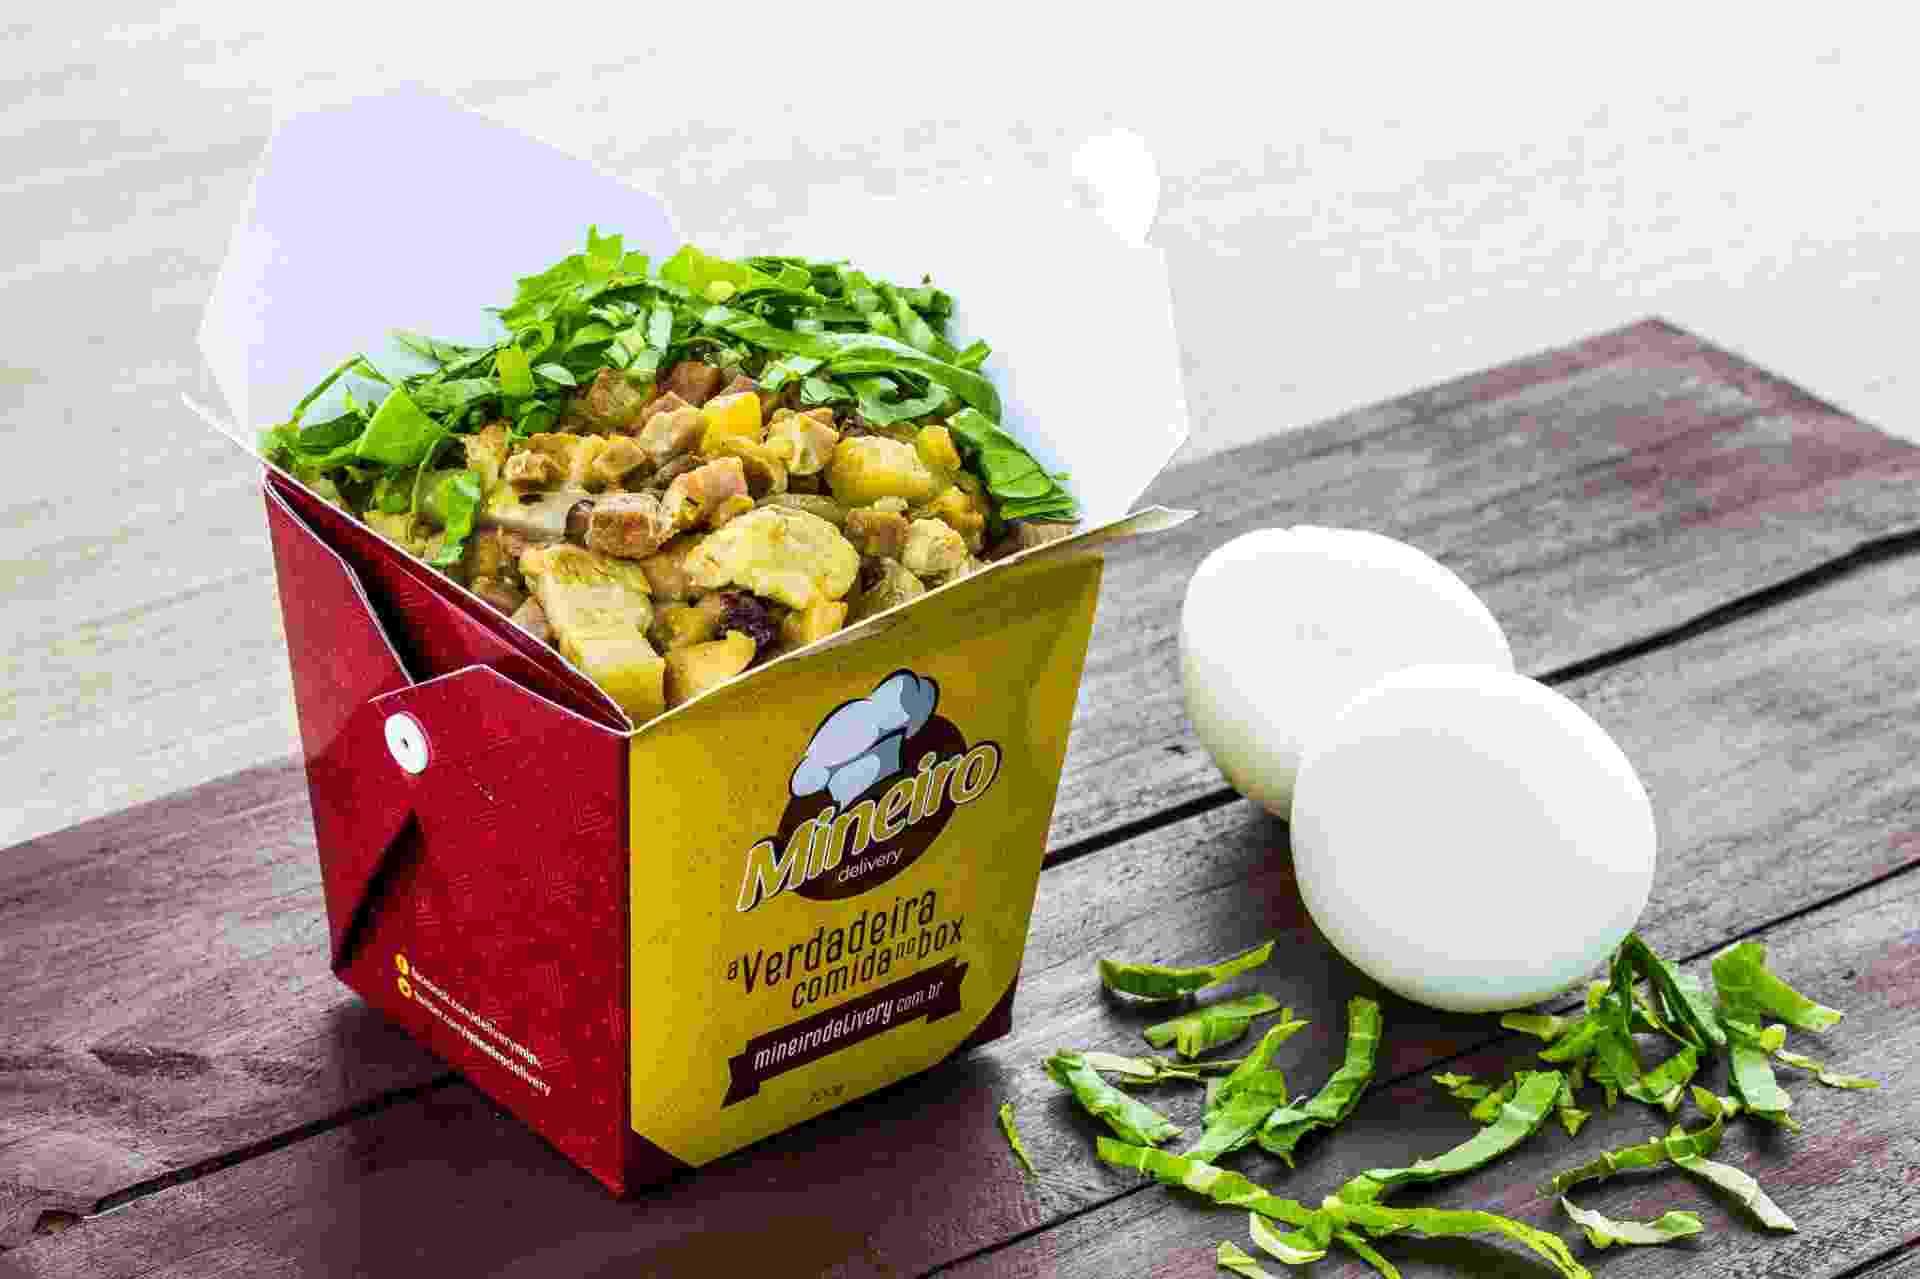 A franquia Mineiro Delivery foi criada pelos irmãos Marlon e Gabriel Ventura , de São José do Rio Preto, para vender marmitex em box. Na foto, o prato costelinha. O executivo (400g) custa R$ 12 e o padrão (700g), R$ 16 - Divulgação